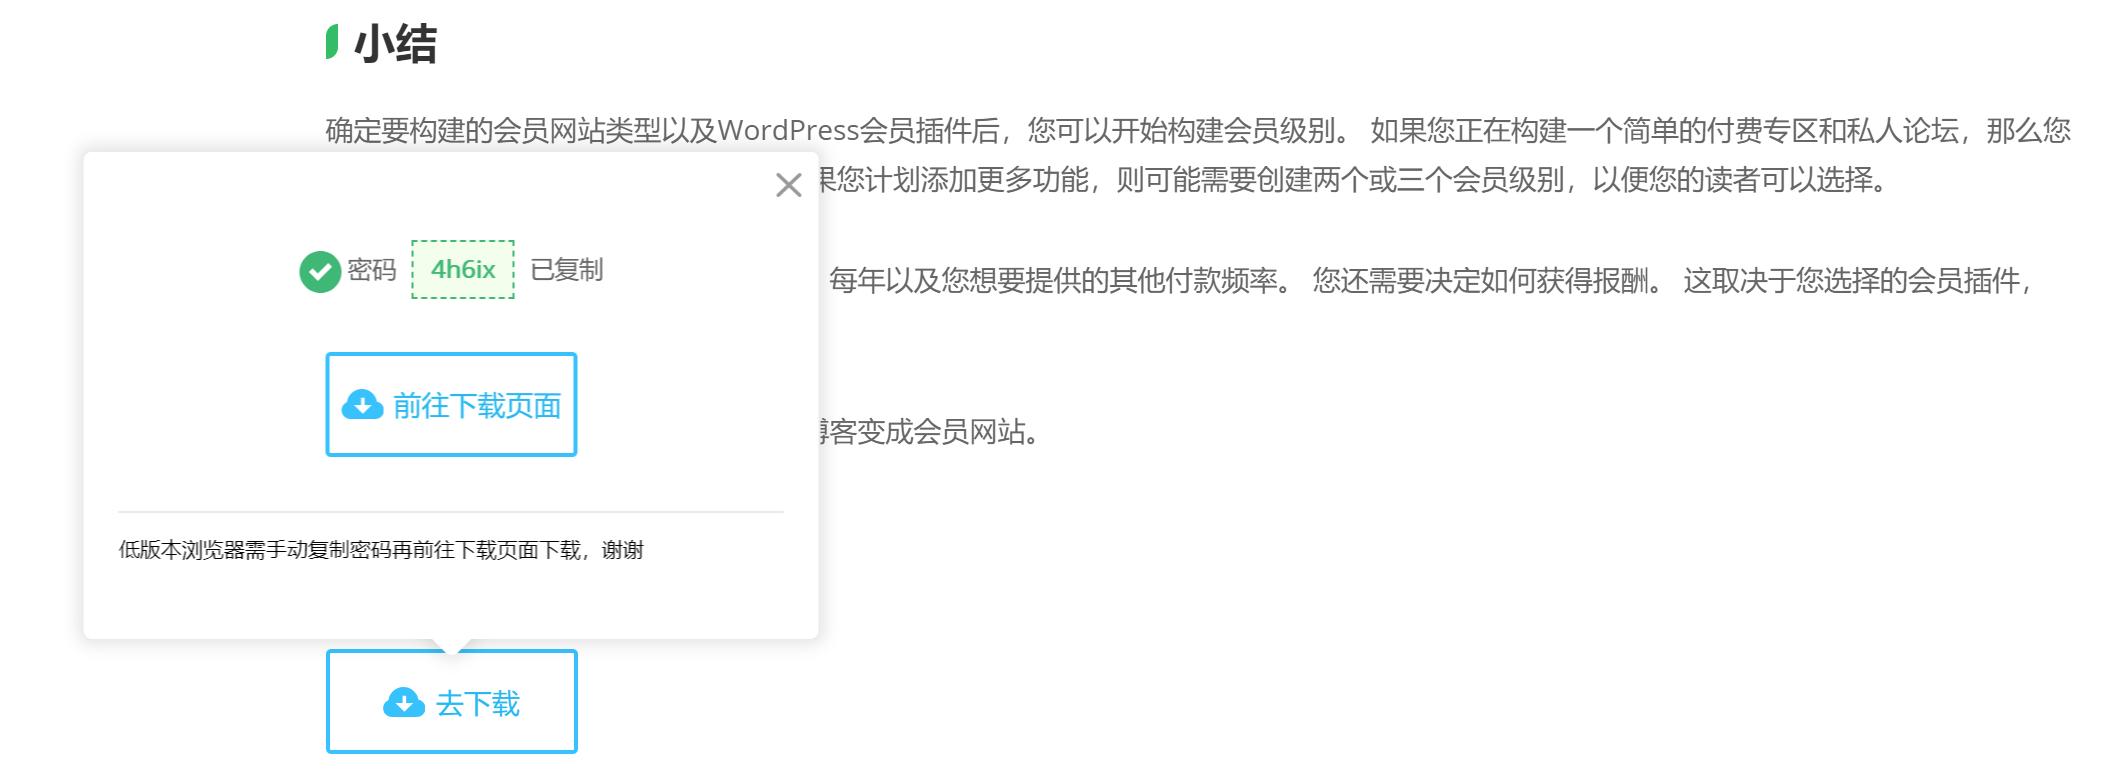 WP资源下载管理插件-快速打造资源下载博客插图(3)